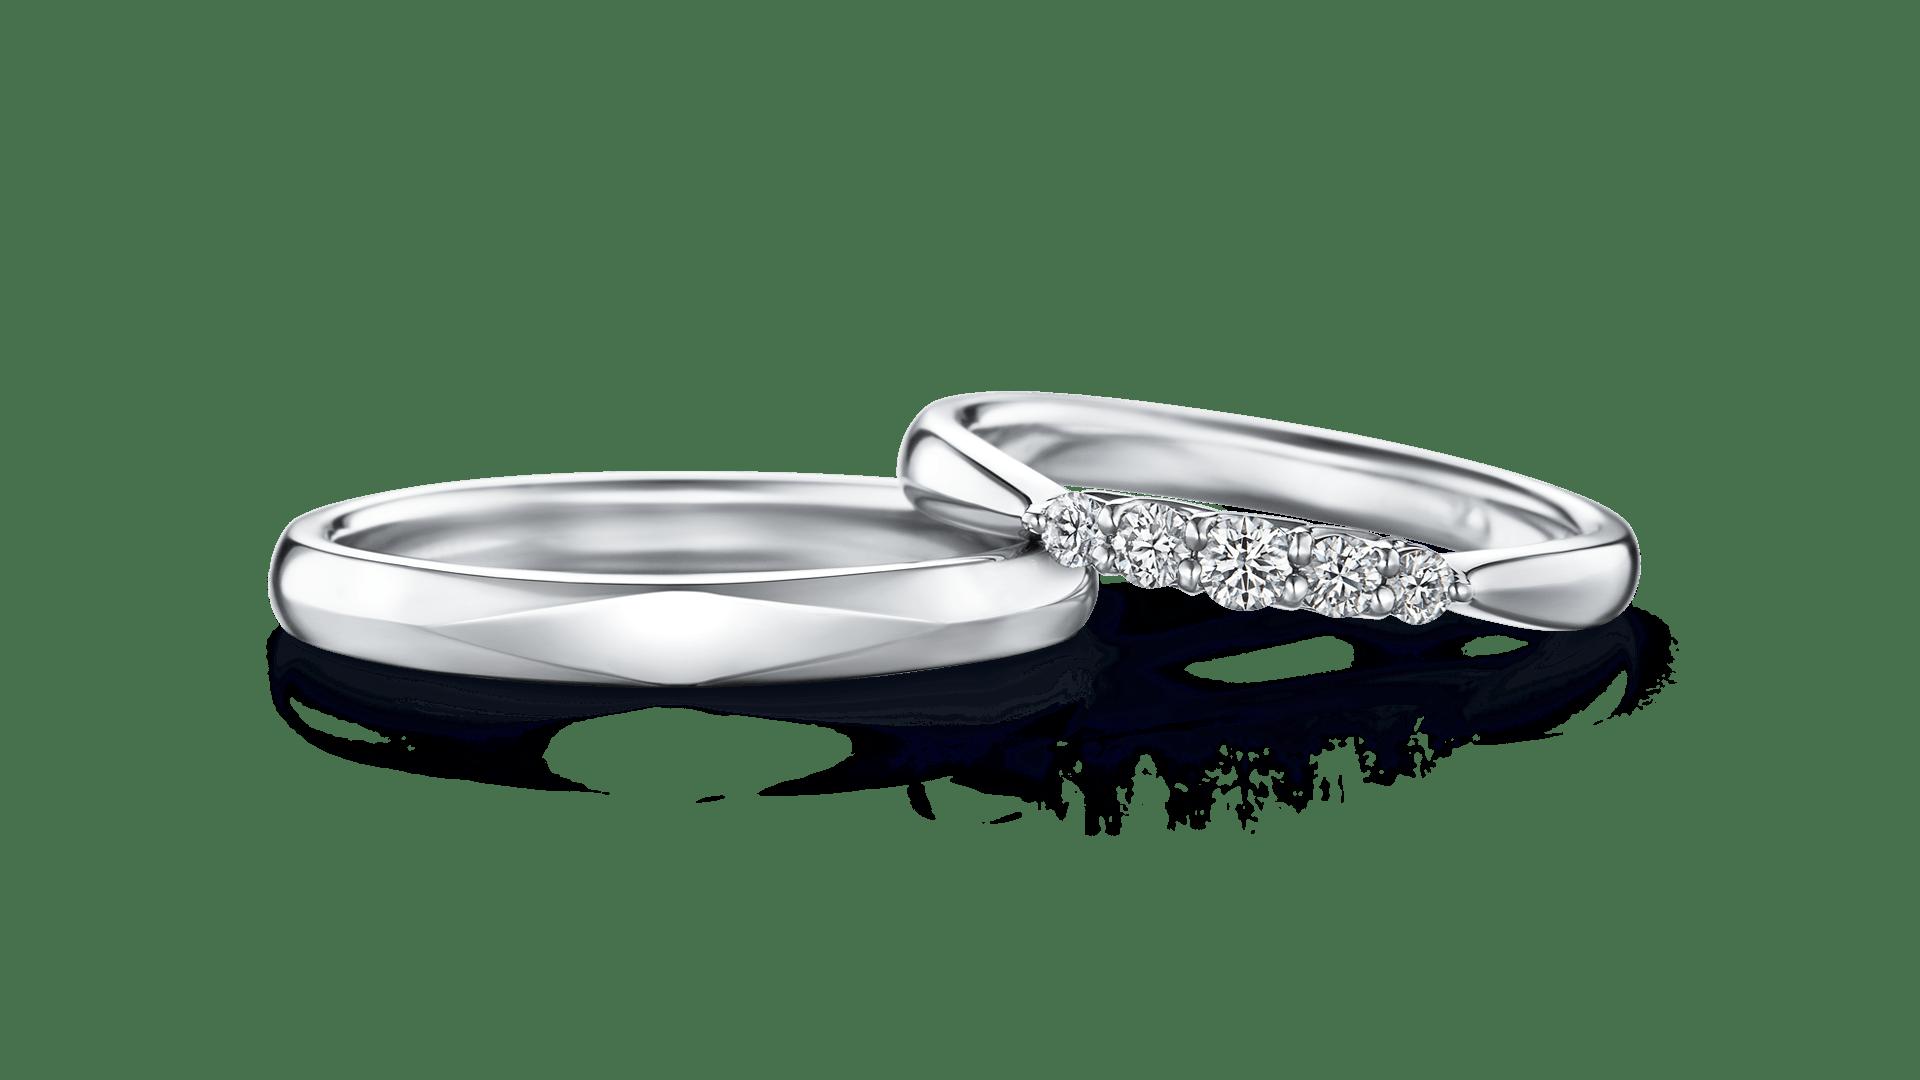 nona ノーナ | 結婚指輪サムネイル 1